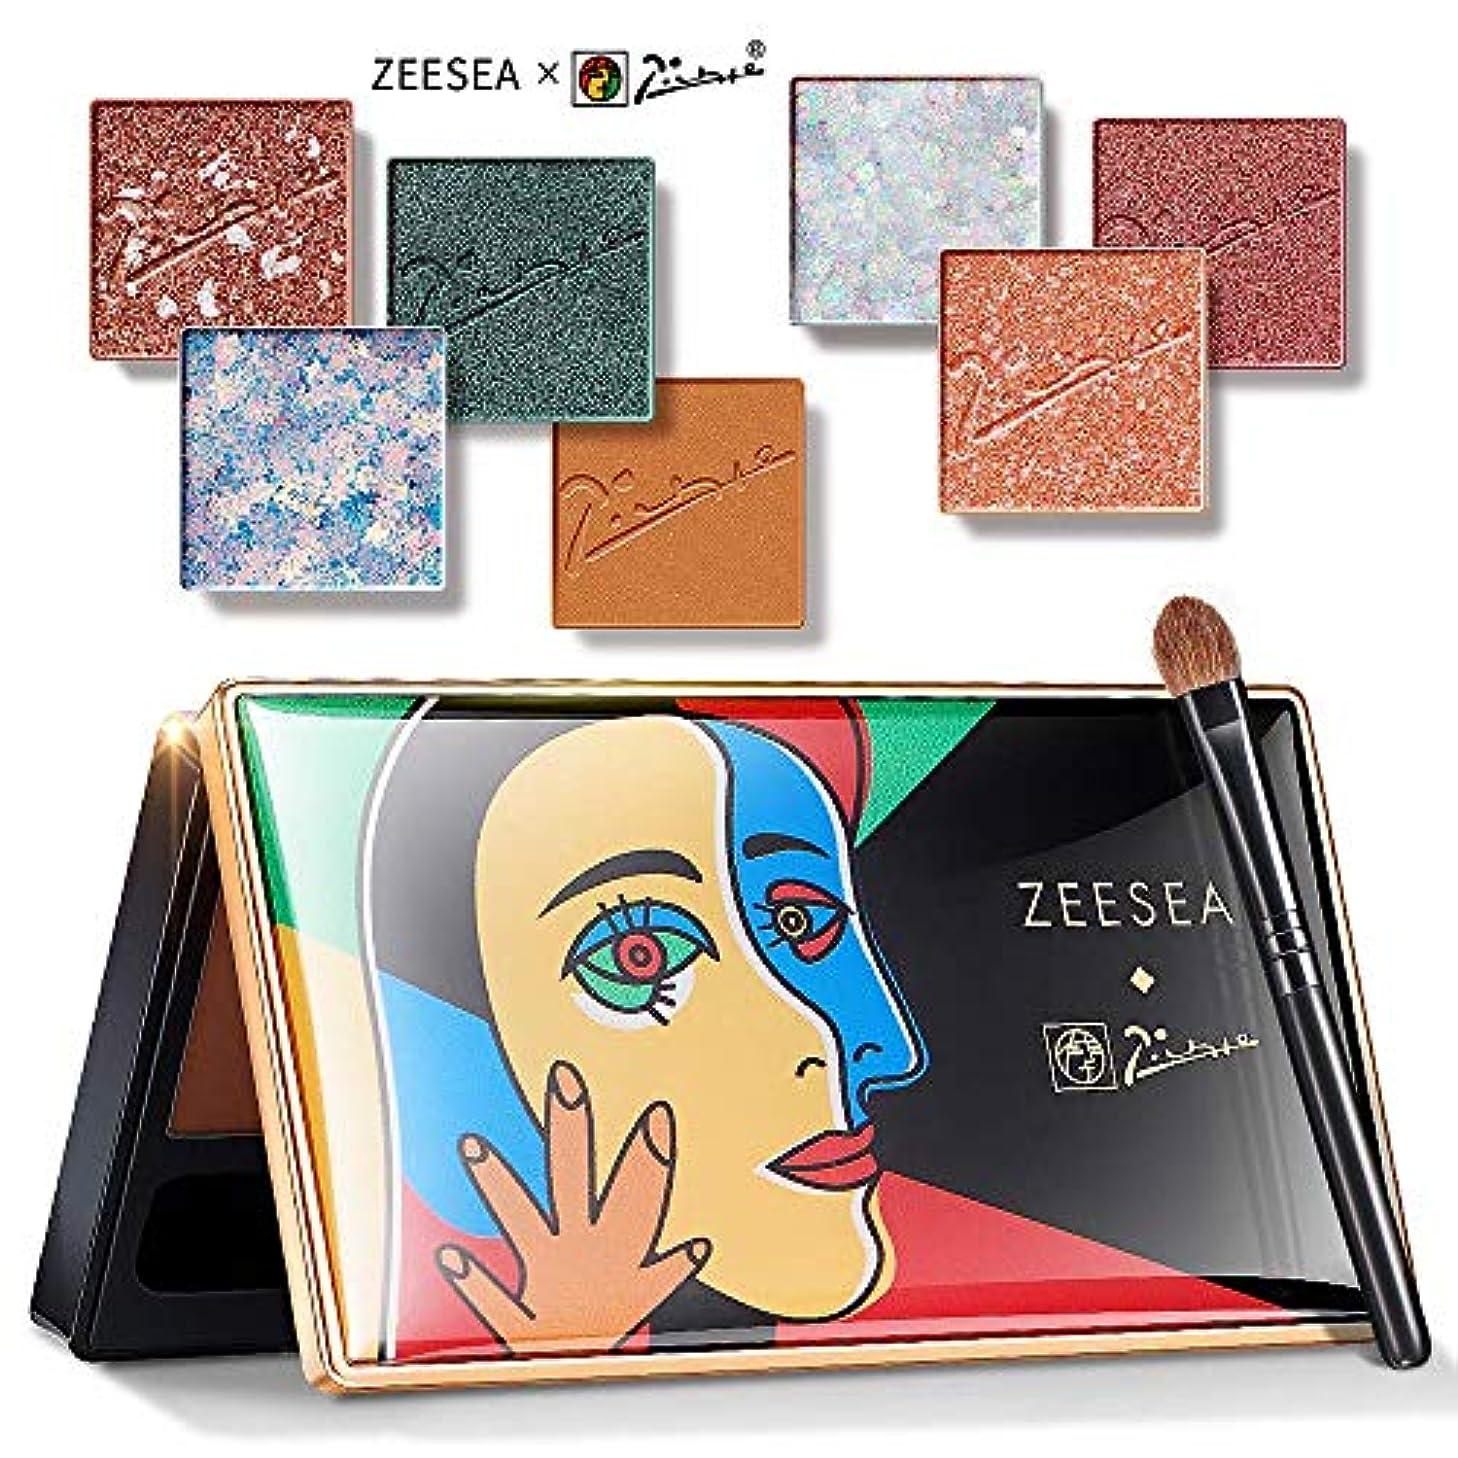 ヒゲ口述気性ZEESEA ピカソ7色の組み合わせアイシャドウ